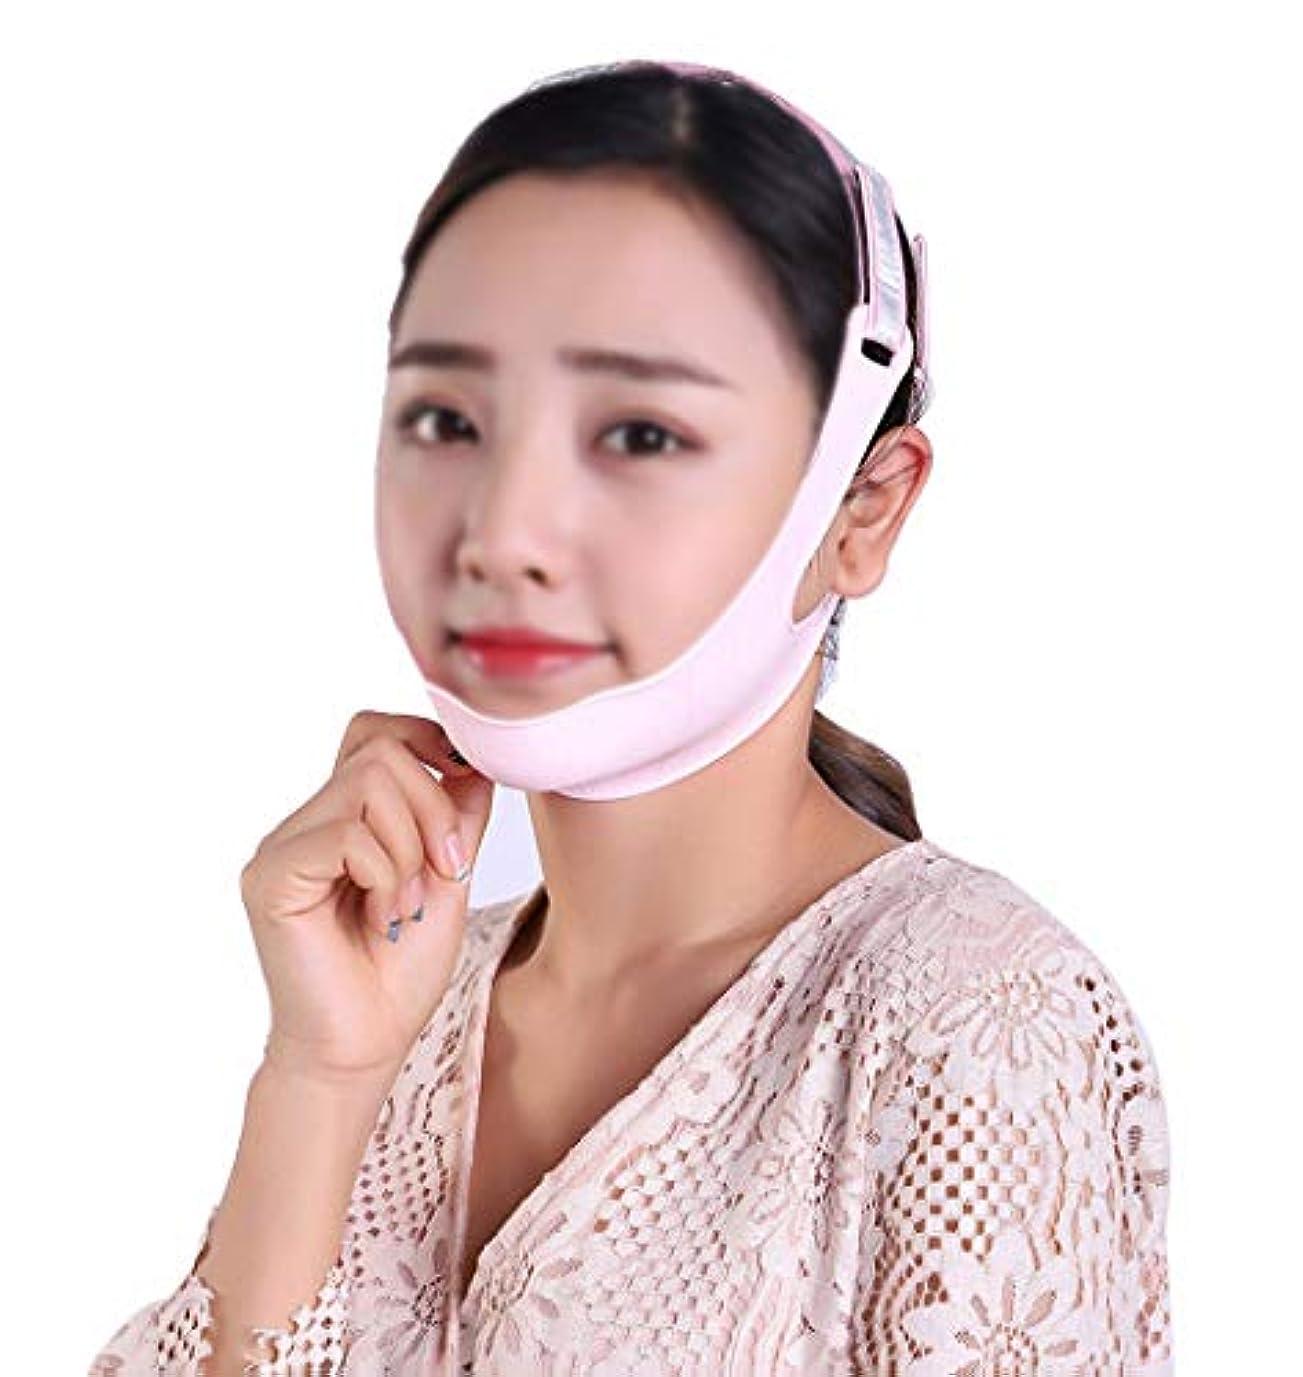 中断適性堤防TLMY フェイシャルリフティングマスクシリコンVマスク引き締めフェイシャル包帯スモールVフェイスアーティファクト防止リラクゼーションフェイシャル&ネックリフティング 顔用整形マスク (Size : M)